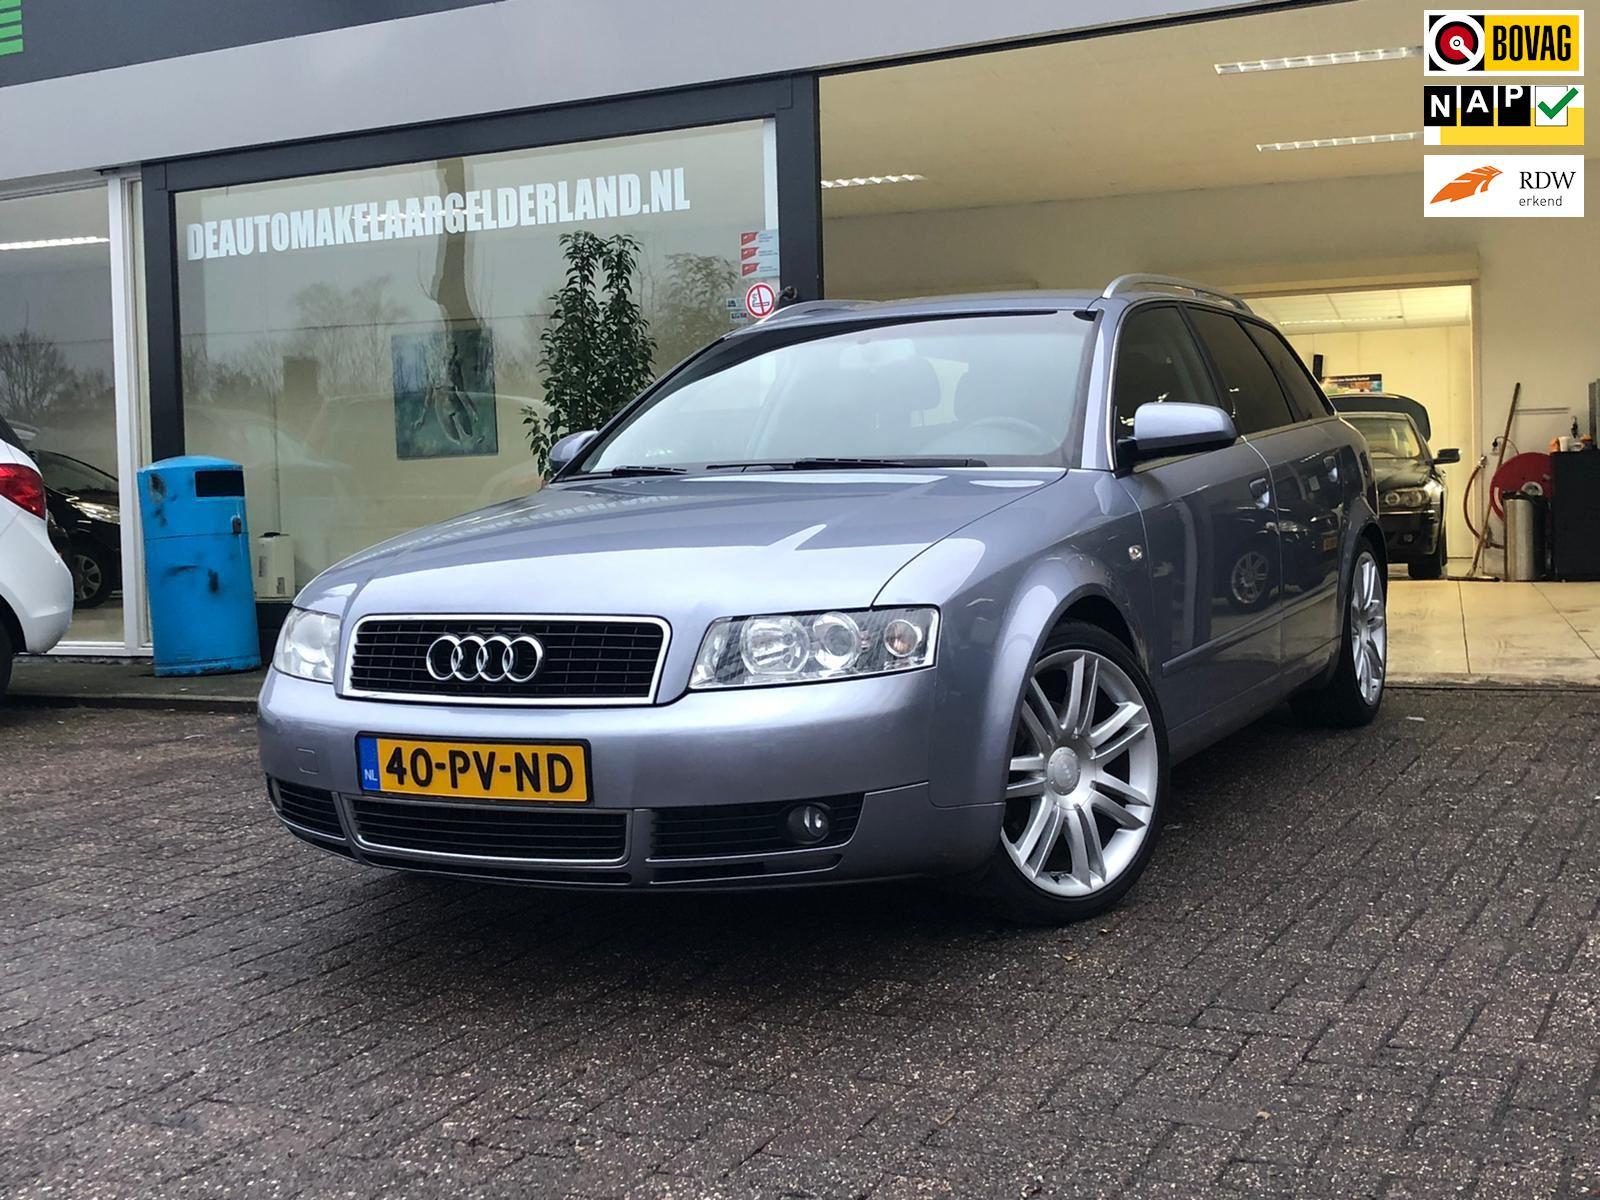 Audi A4 Avant occasion - De Automakelaar Gelderland